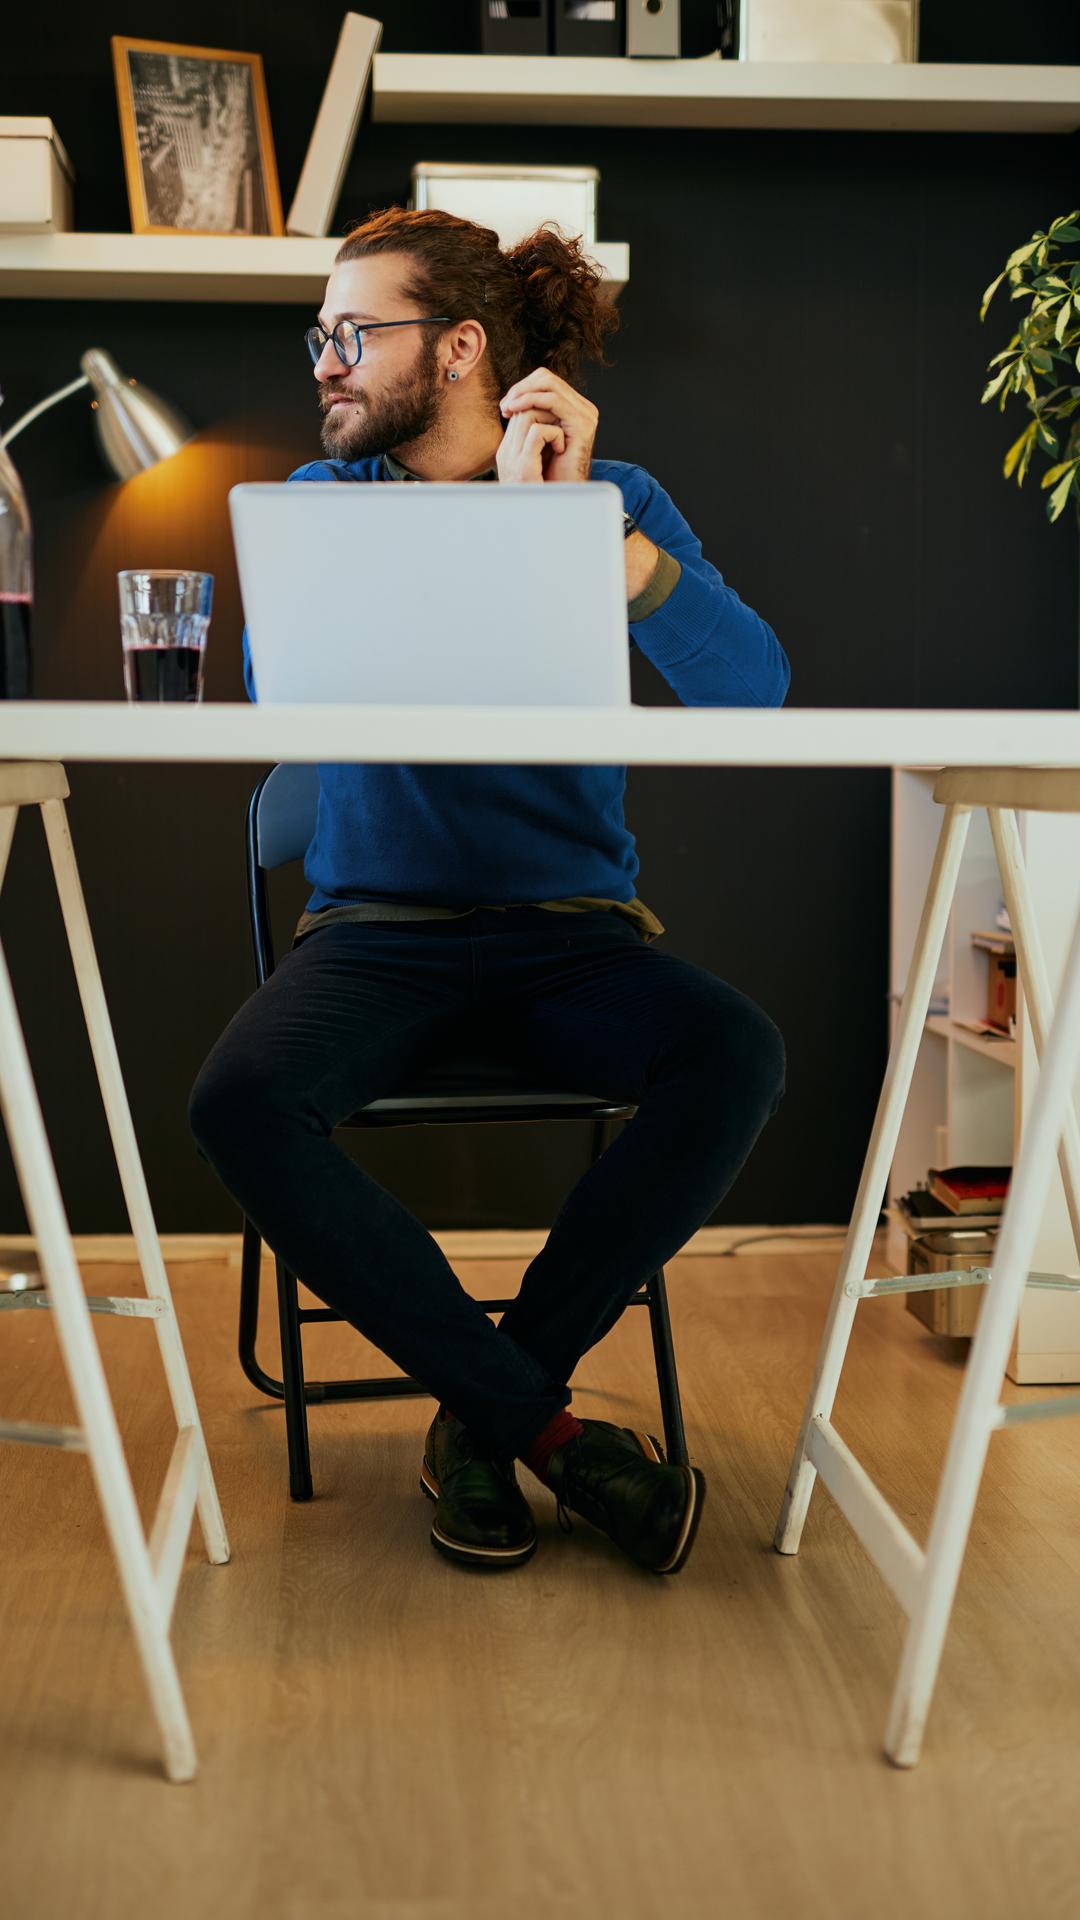 Een succesvol platform ontwikkelen? 21 tips voor een optimale User- én Developer Experience